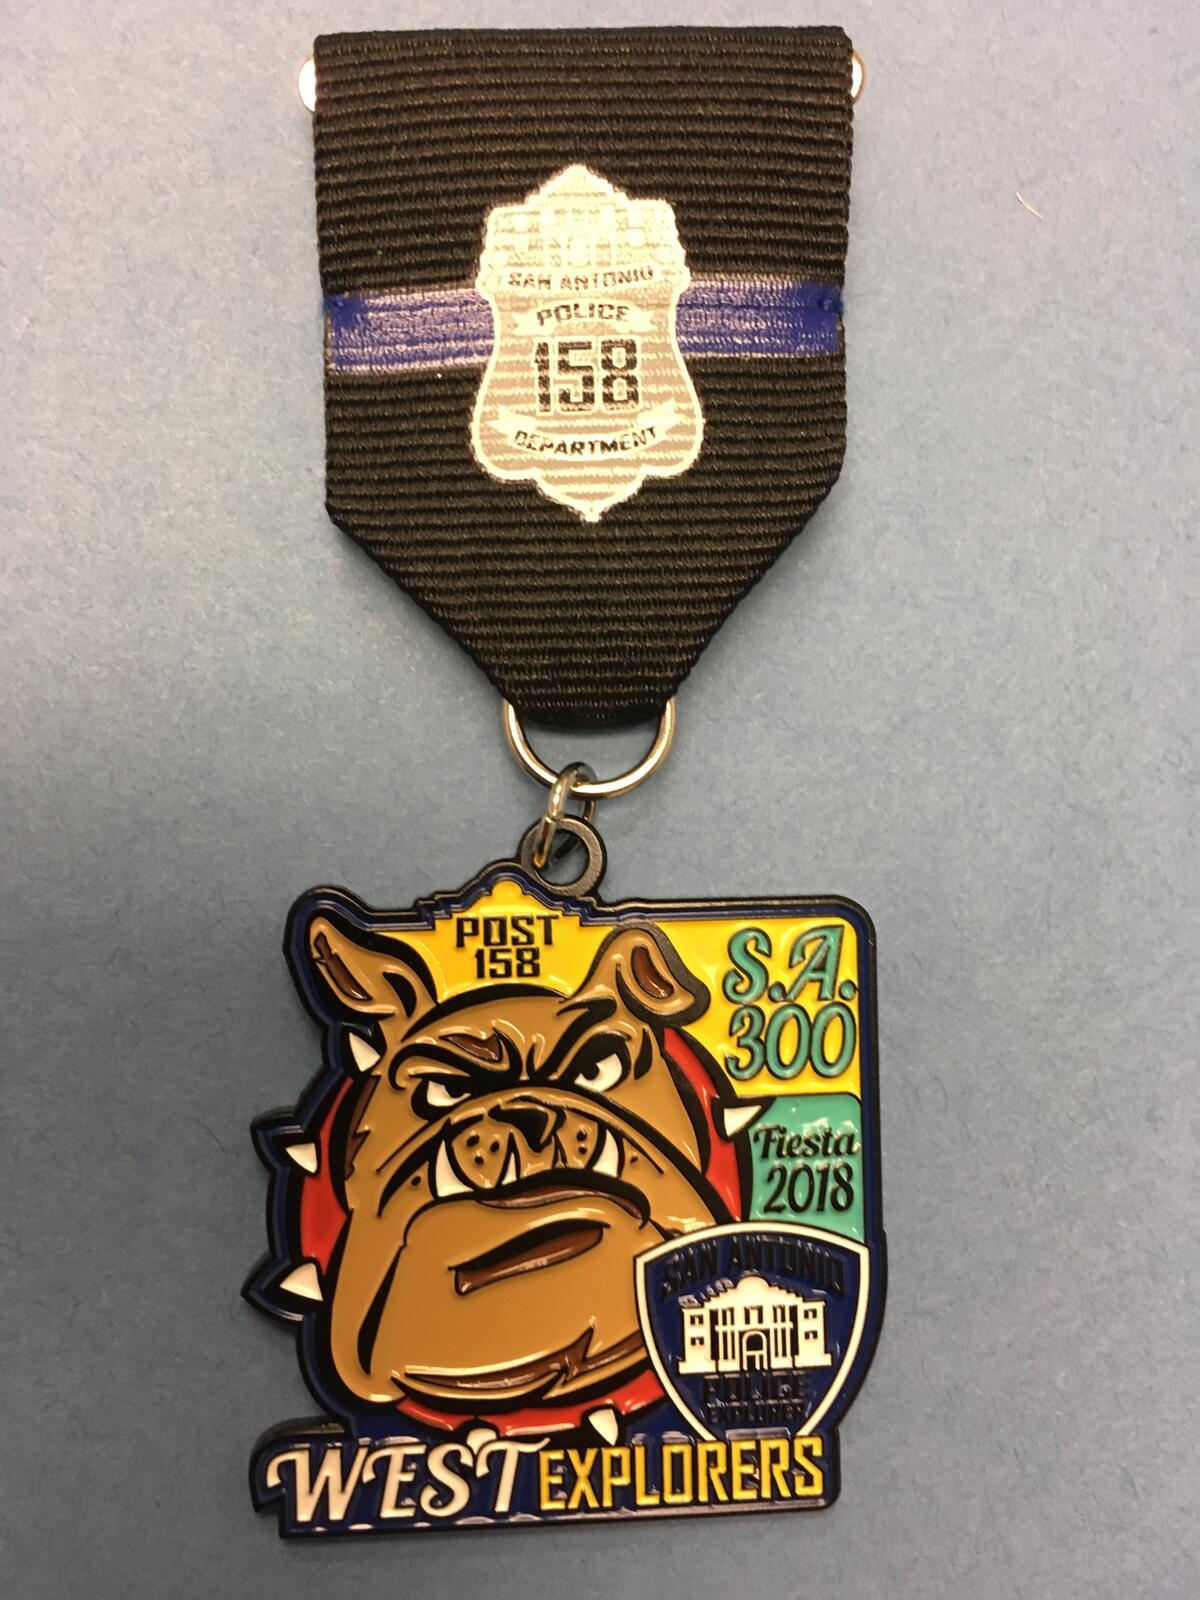 West Patrol Explorers Fiesta Medal (San Antonio Police